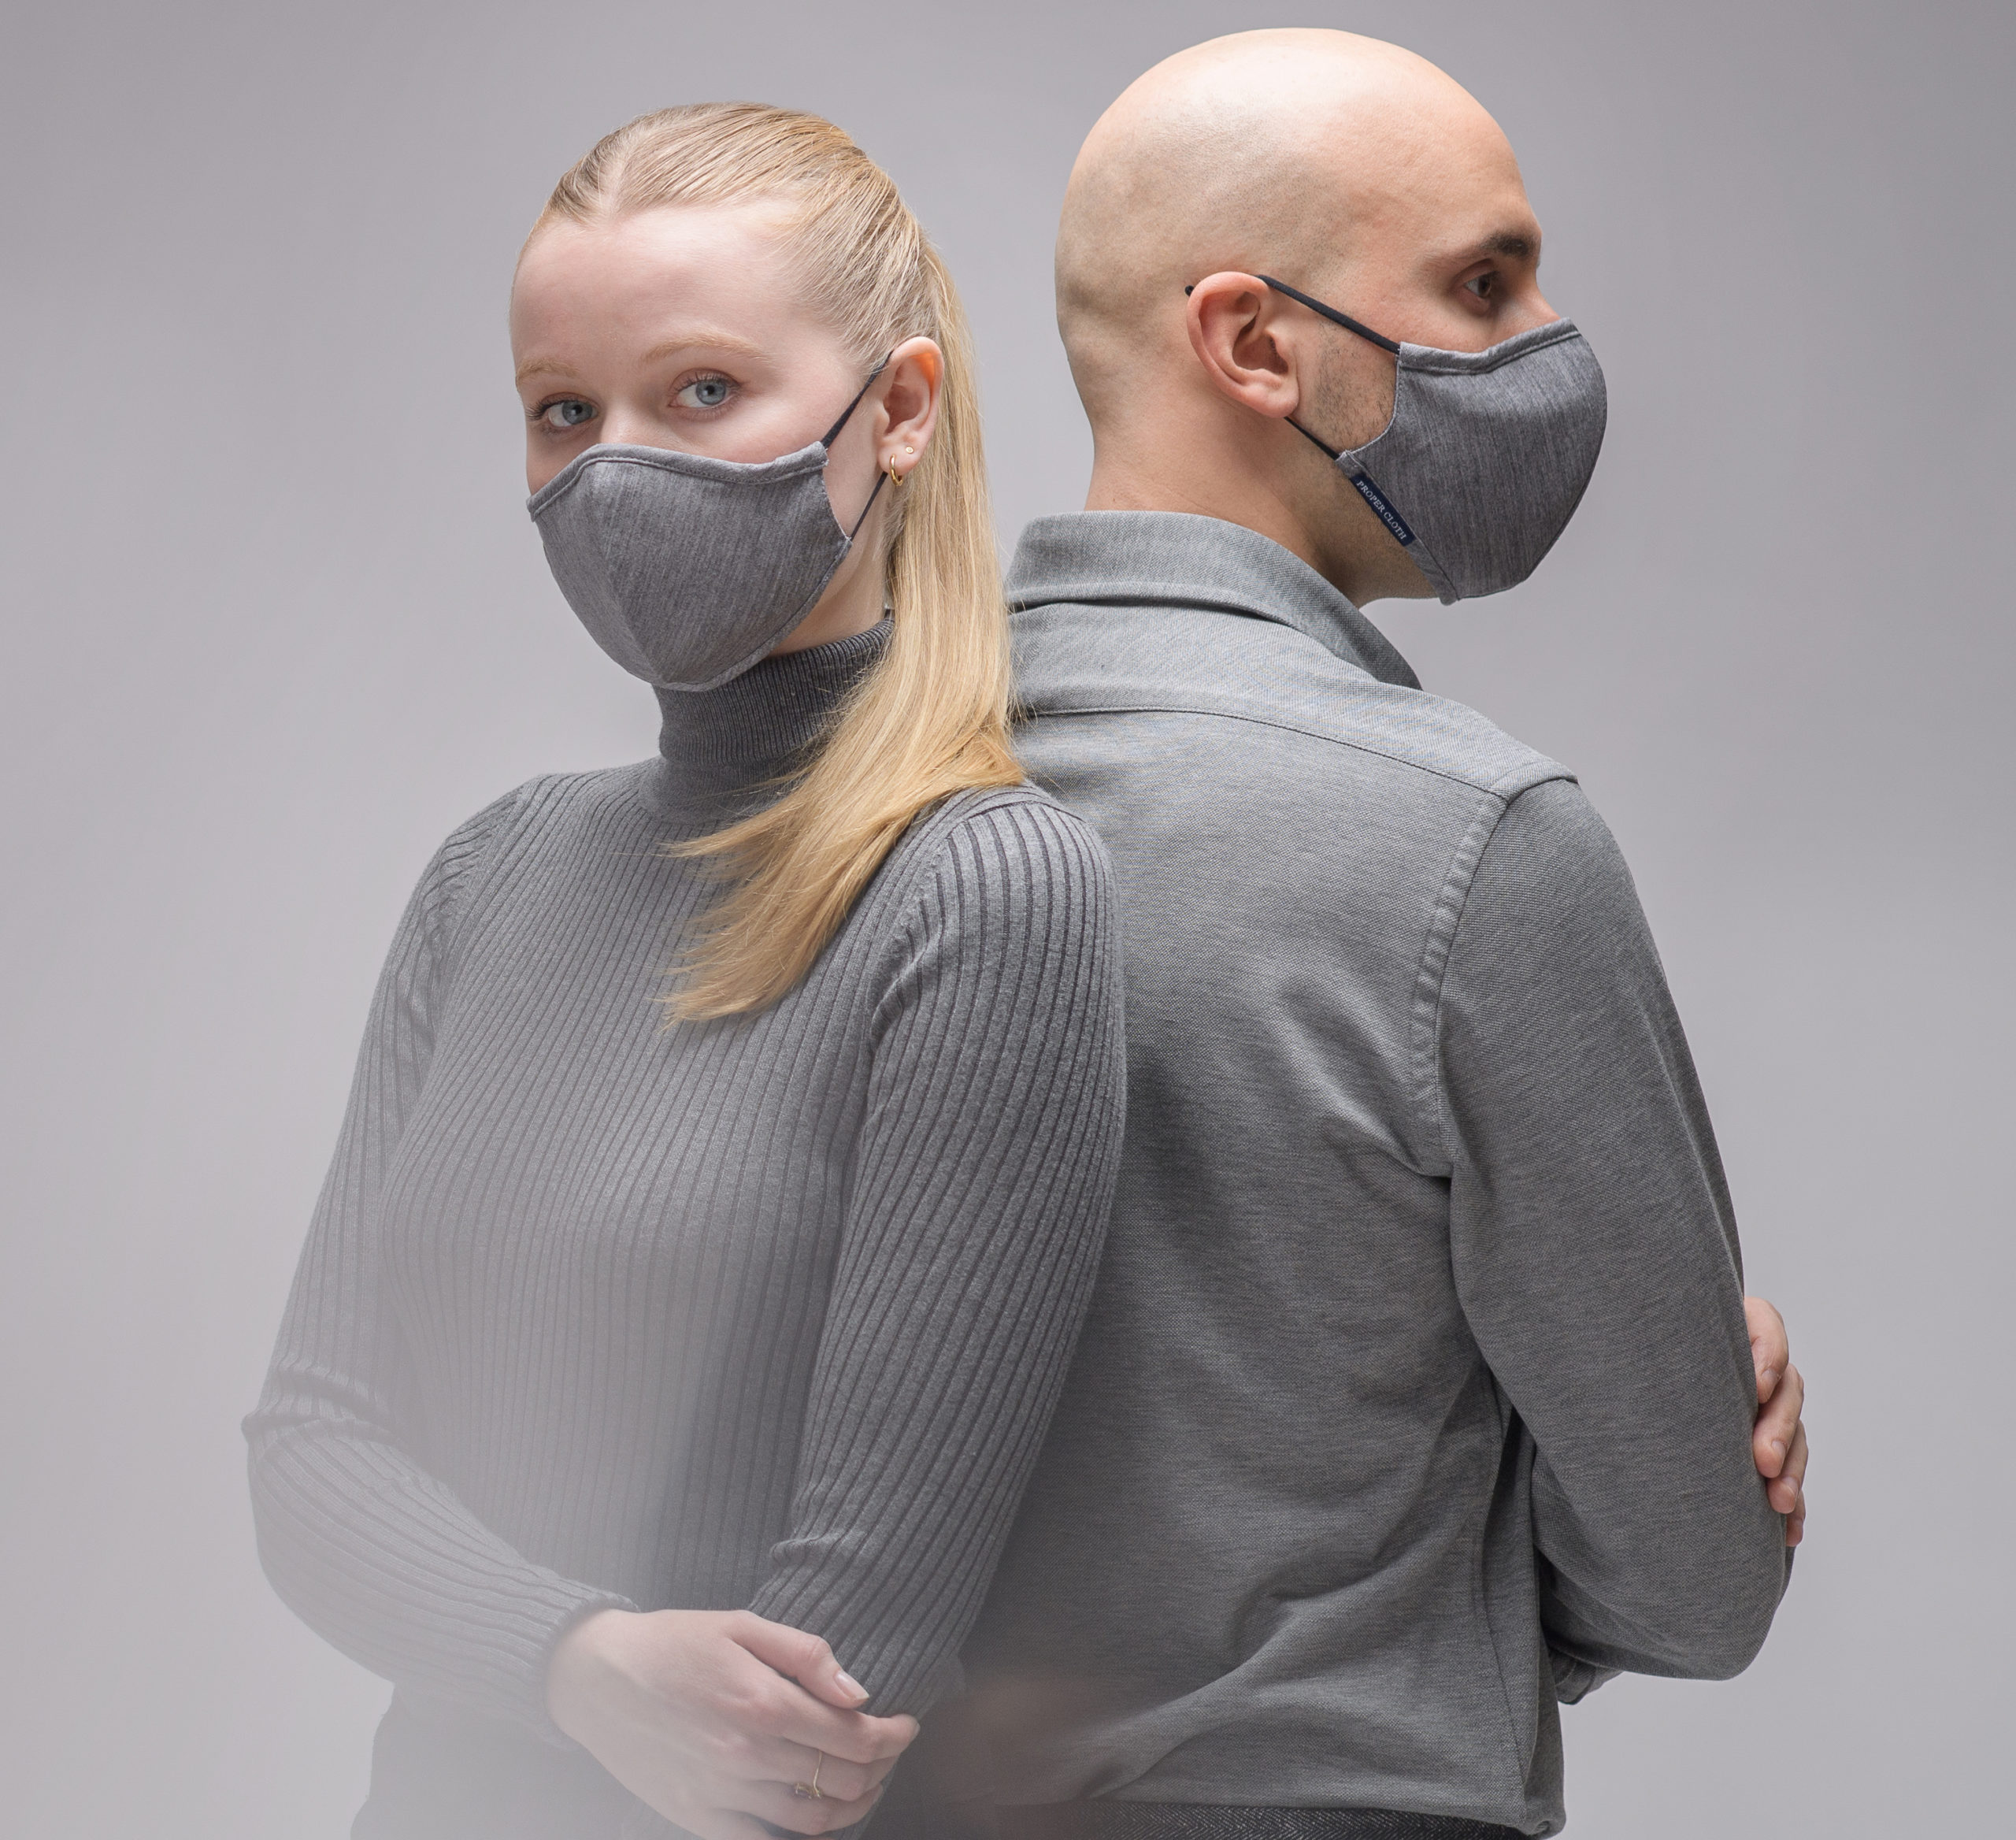 the techknit mask